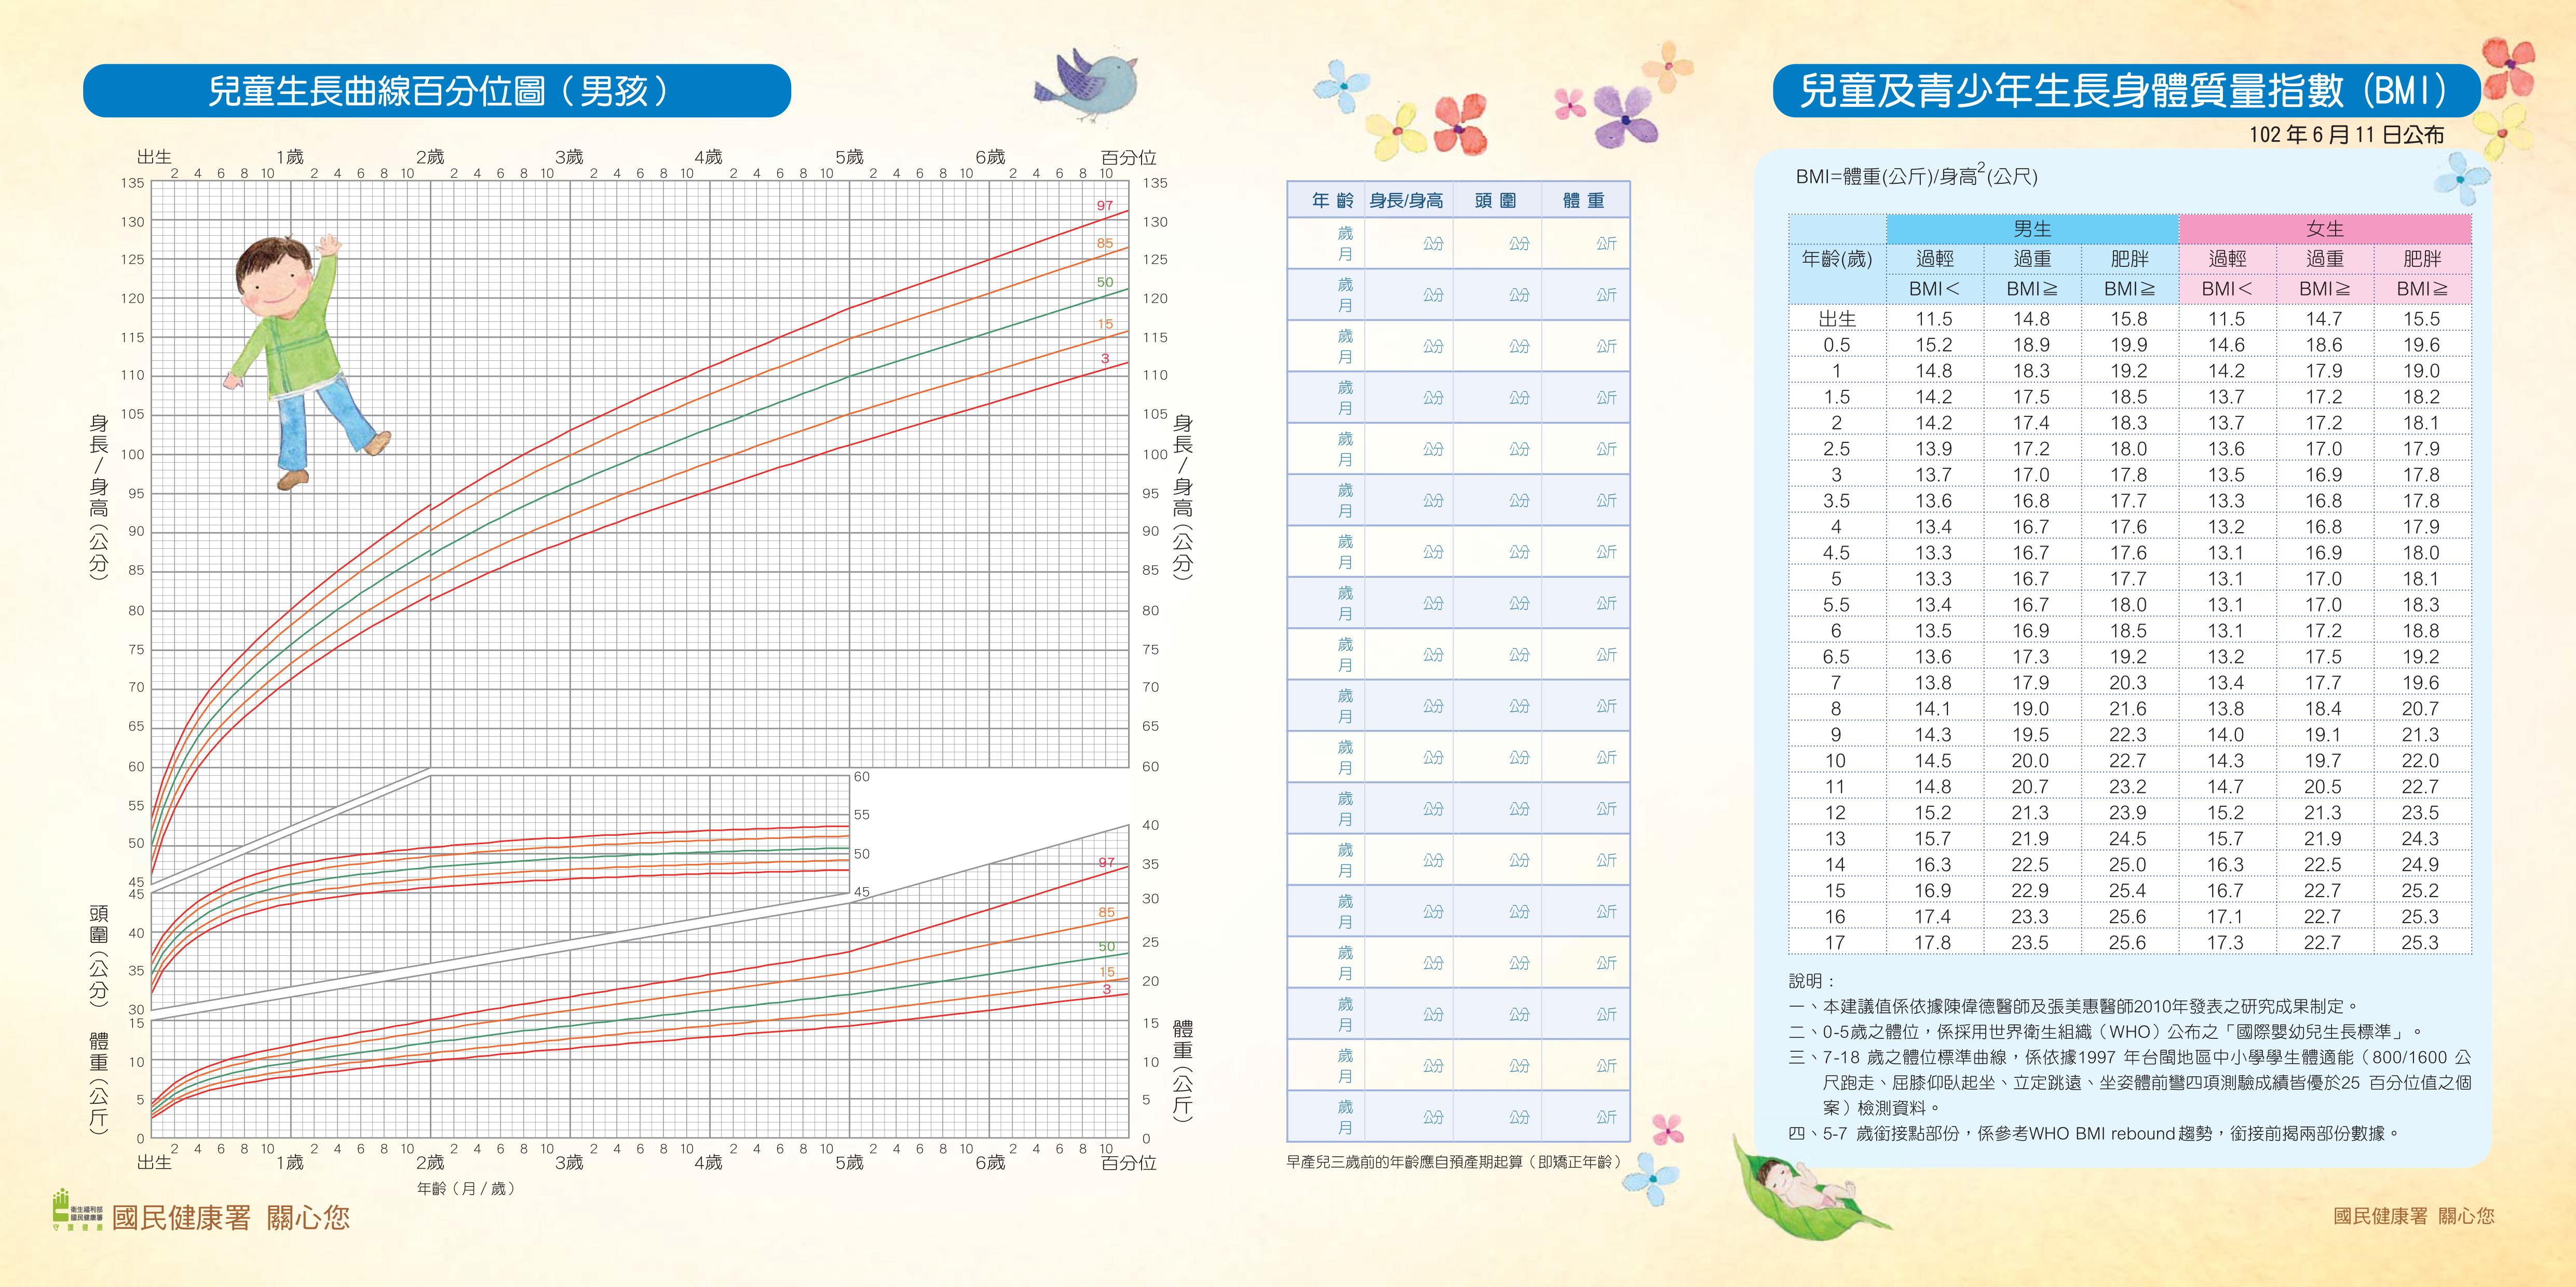 醫師教你看懂寶寶生長曲線圖 | 媽媽餵 - Mamaway 懷孕哺乳育兒百科-媽媽餵club